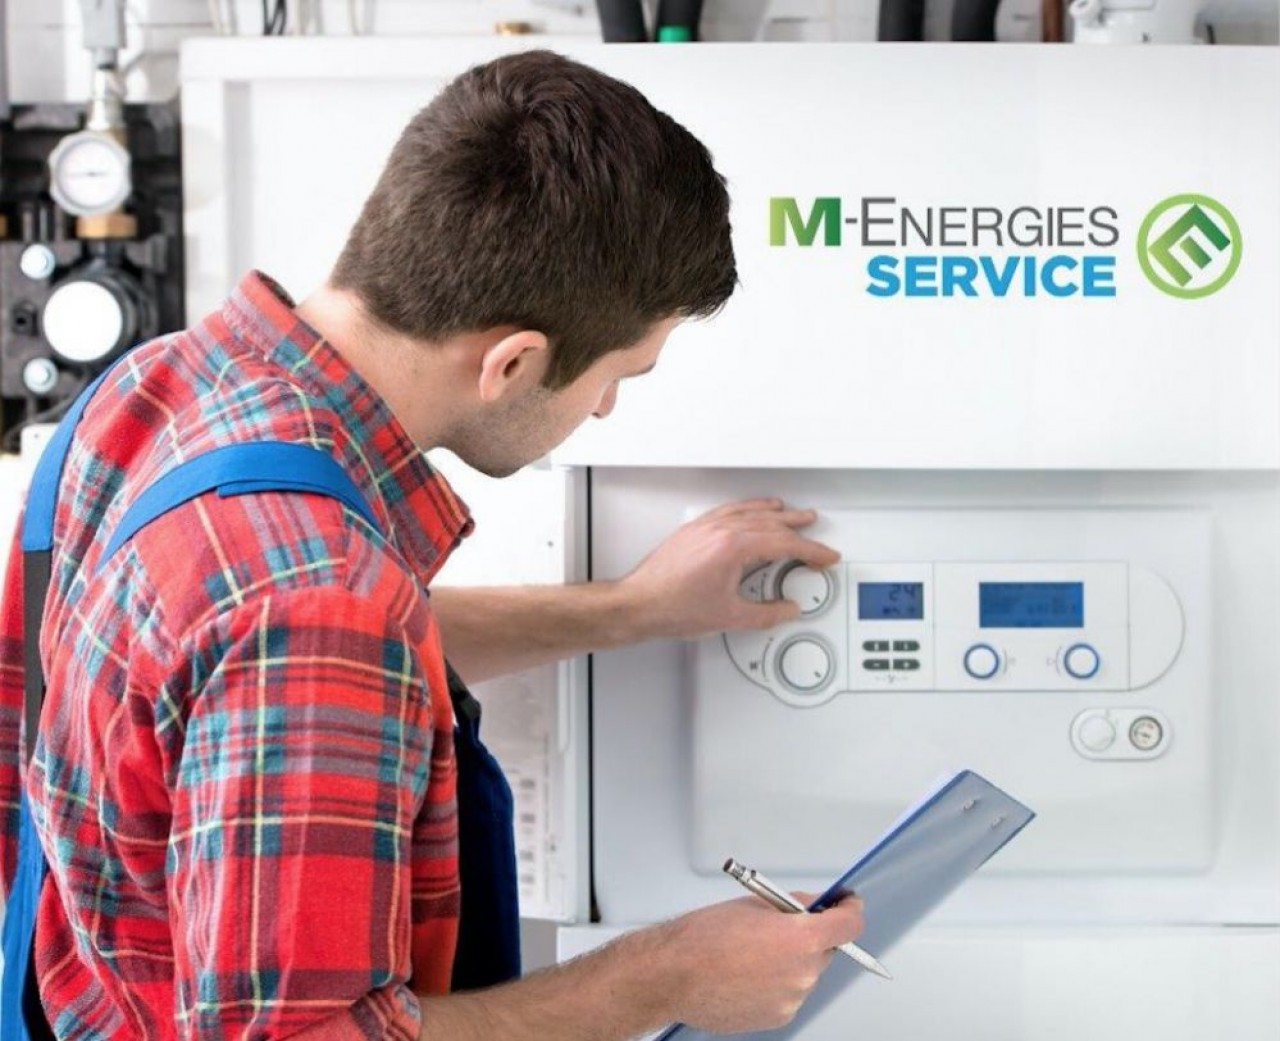 M-Energies déploie ses activités sur deux marchés et trois régions, le Grand Est, l'Ile-de-France et la Bourgogne-Franche-Comté. © M-Energies